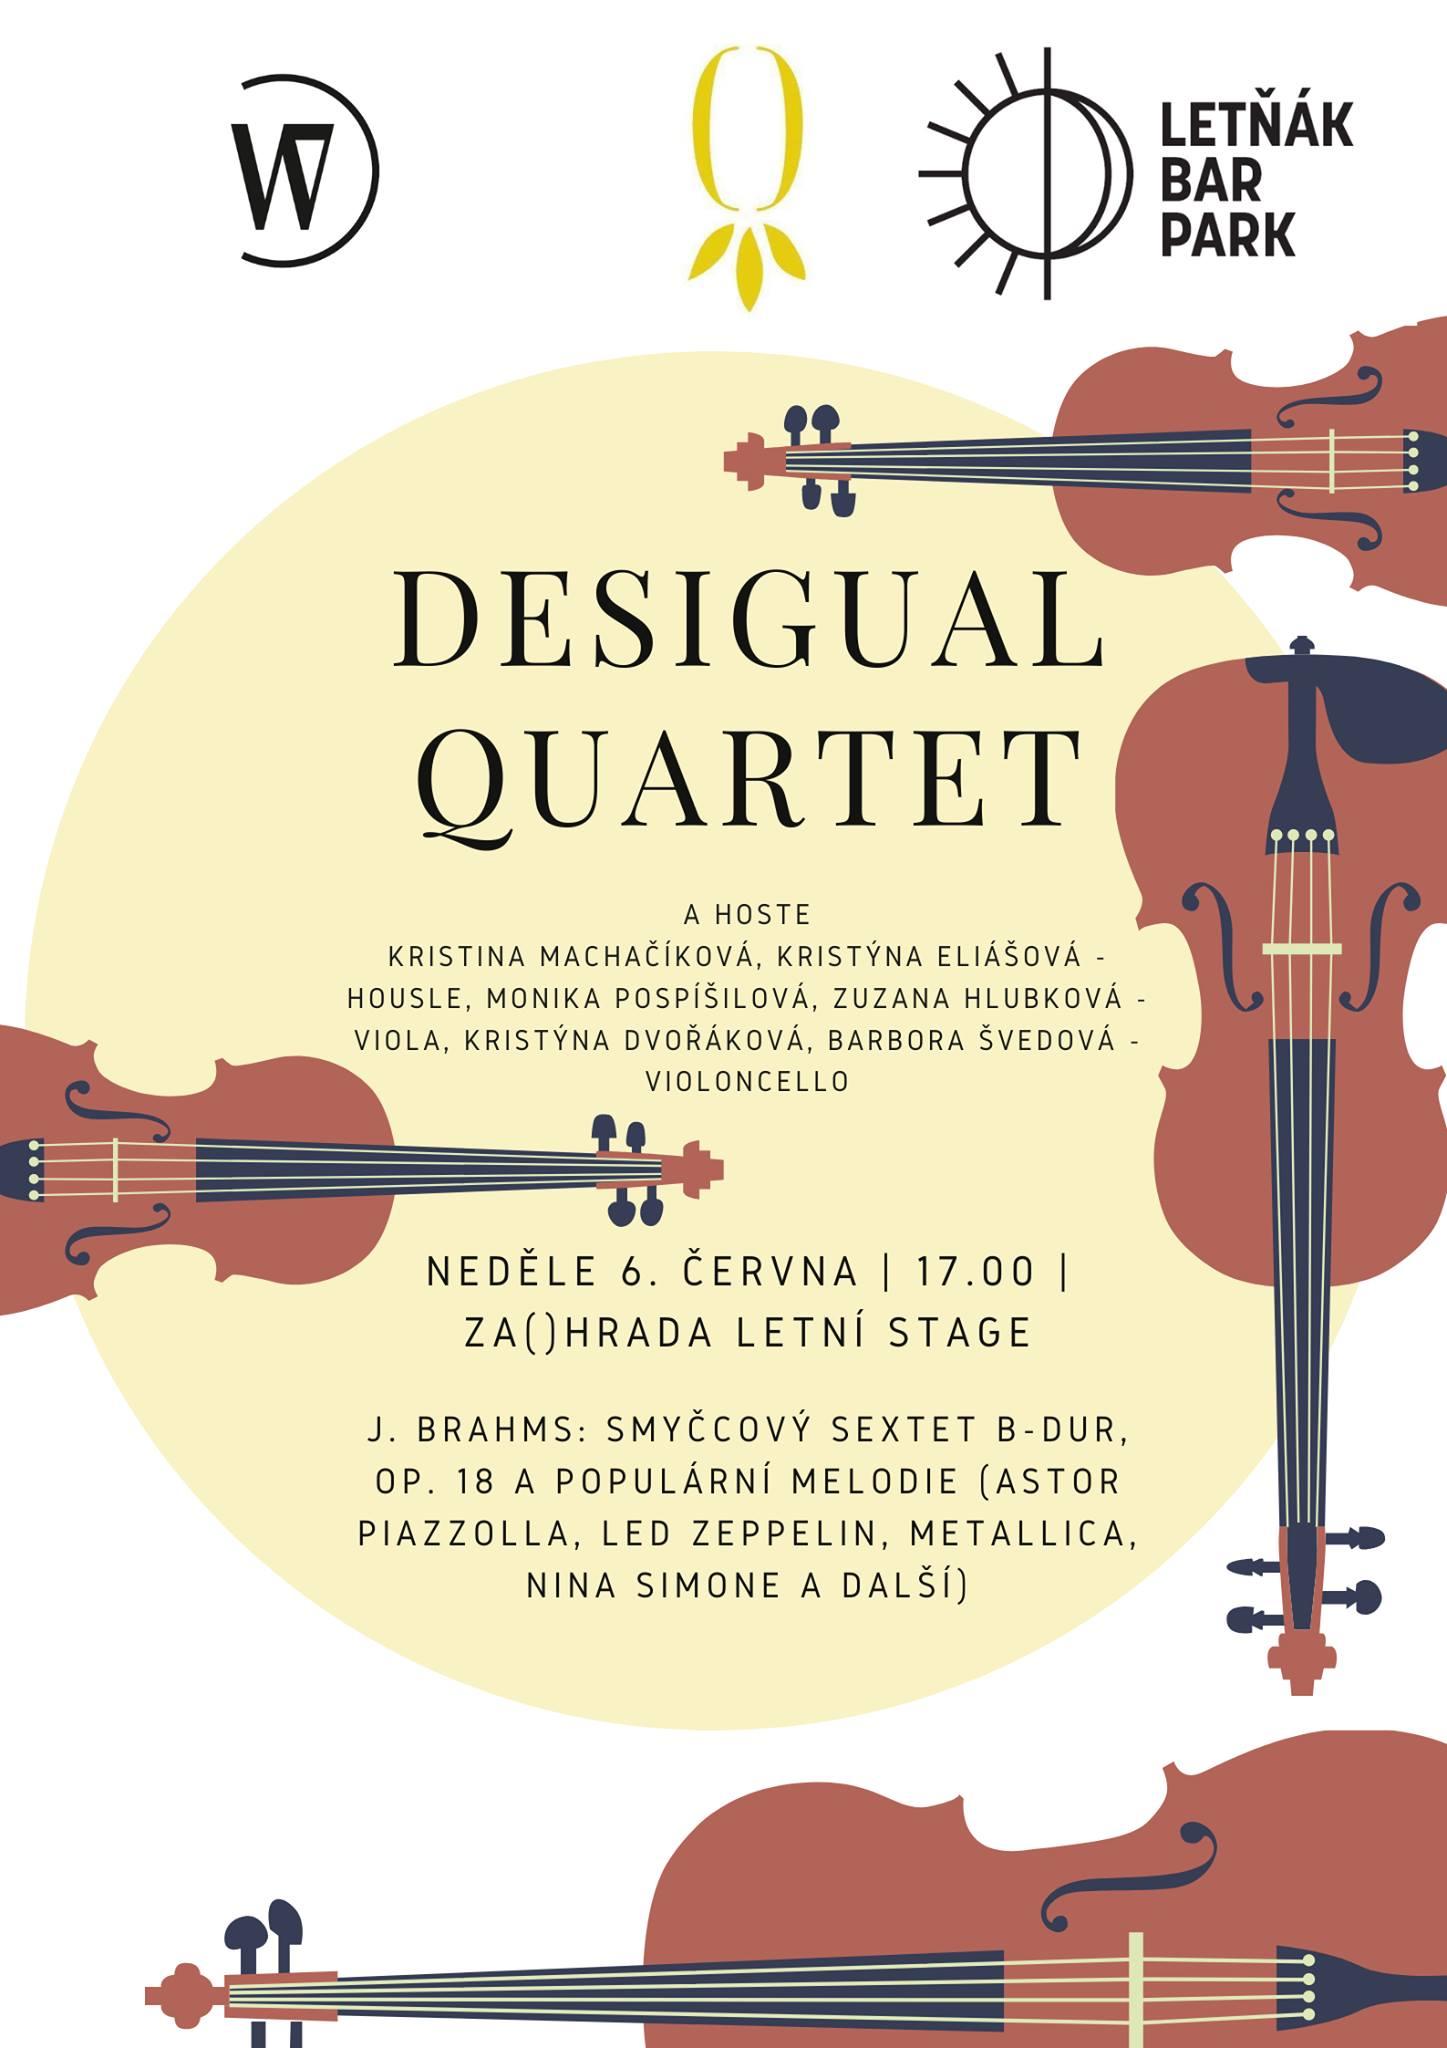 Desigual Quartet v Za()hradě